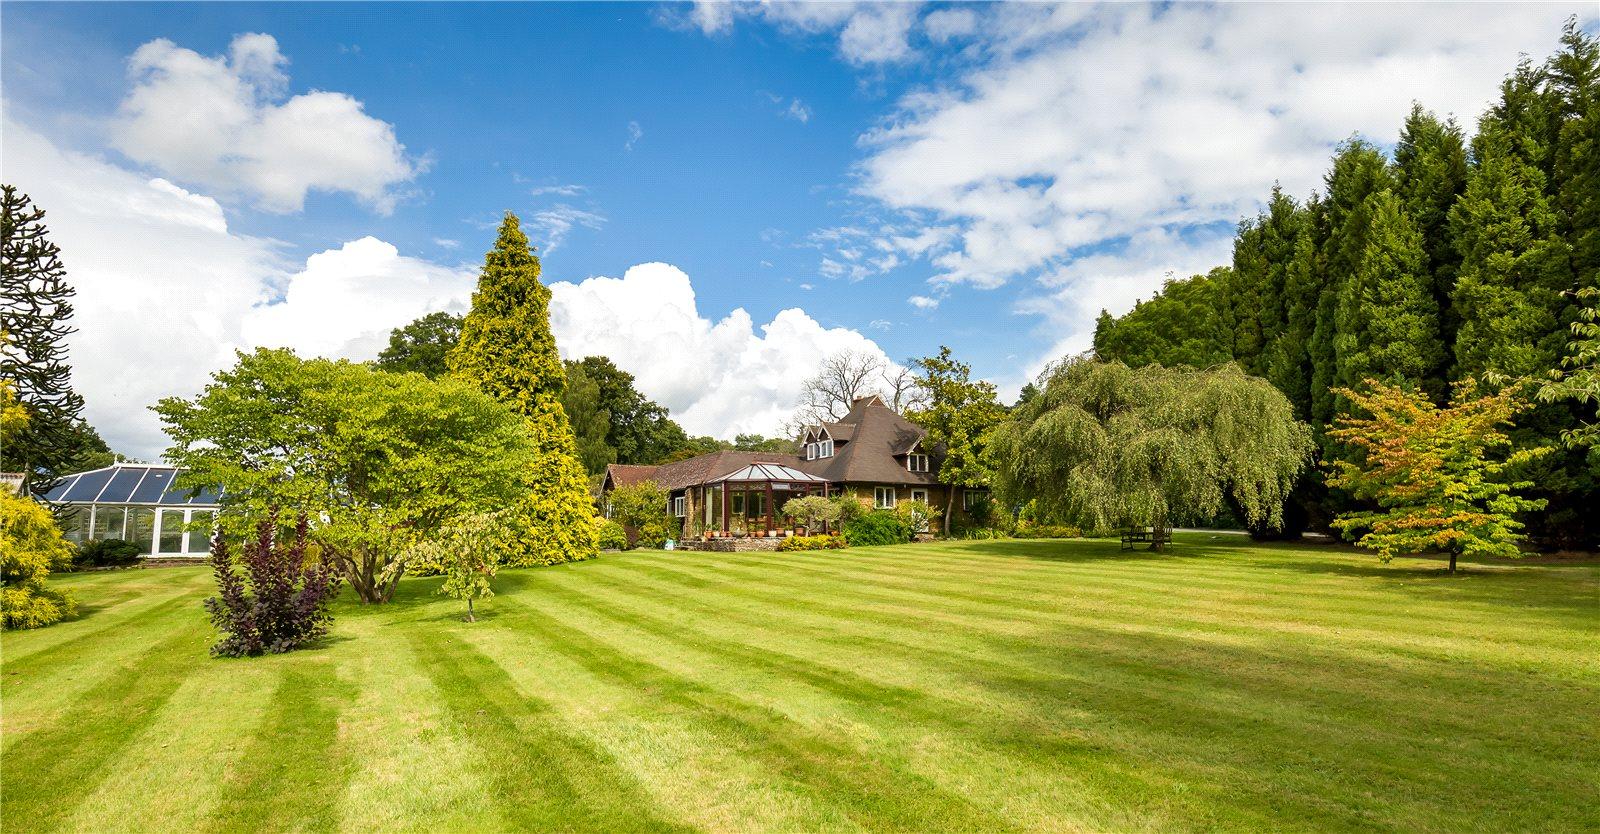 Maison unifamiliale pour l Vente à Heath Lane, Godalming, Surrey, GU7 Godalming, Angleterre